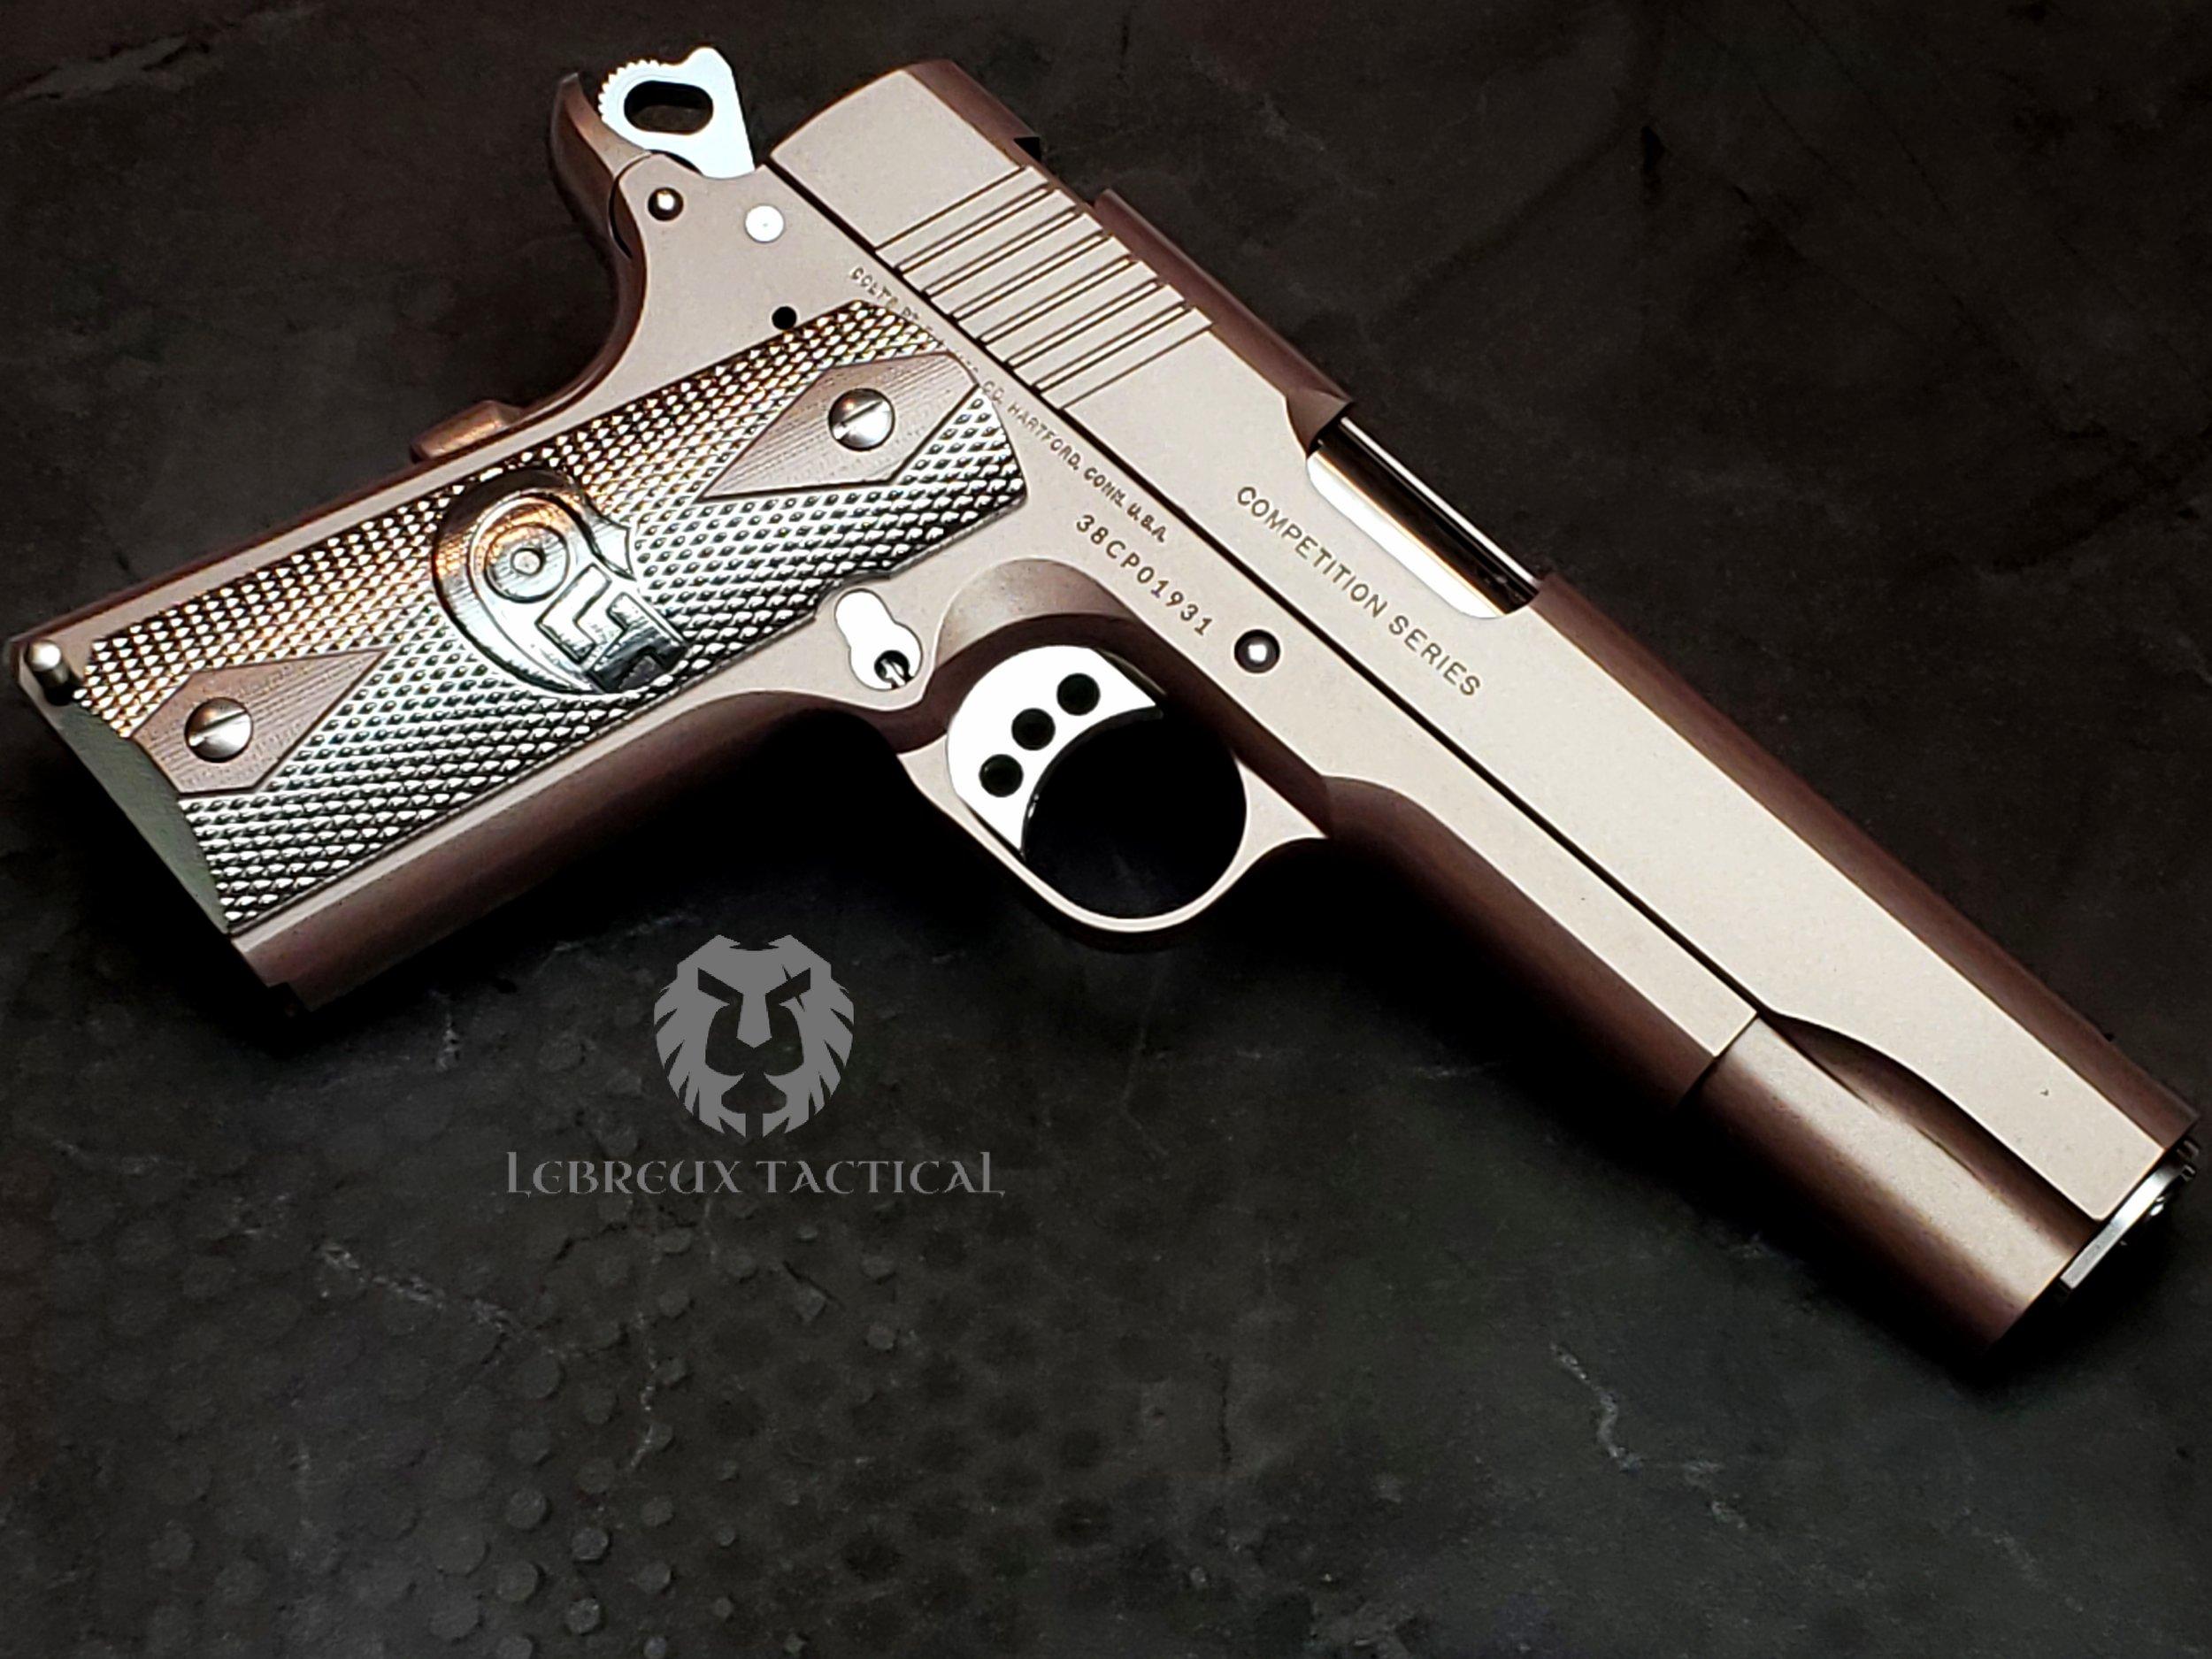 LT rose gold and chrome gun.jpg